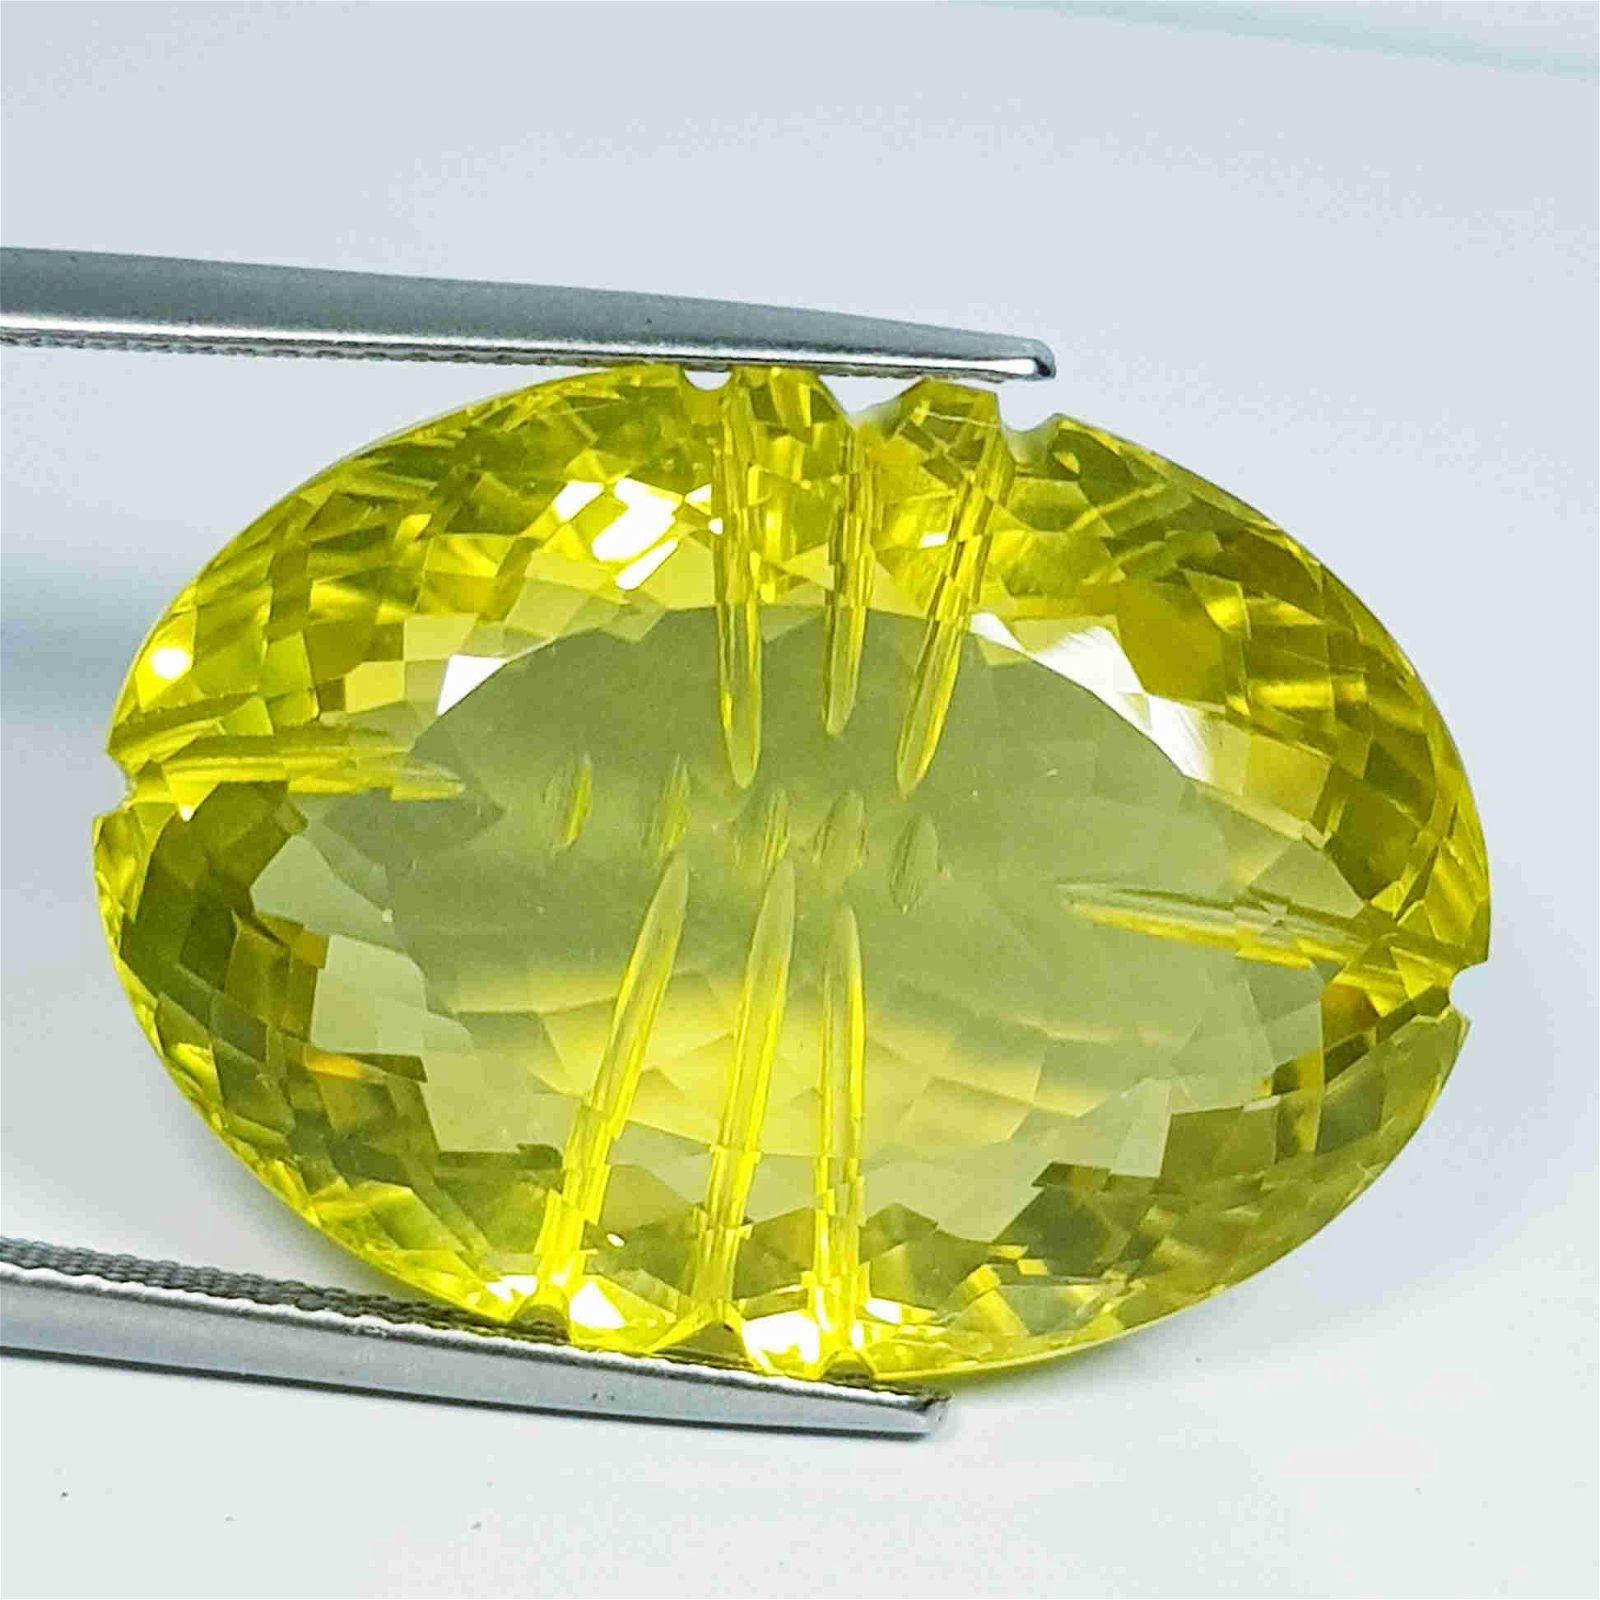 47.53 ct Natural Lemon Quartz Oval Flower Cut